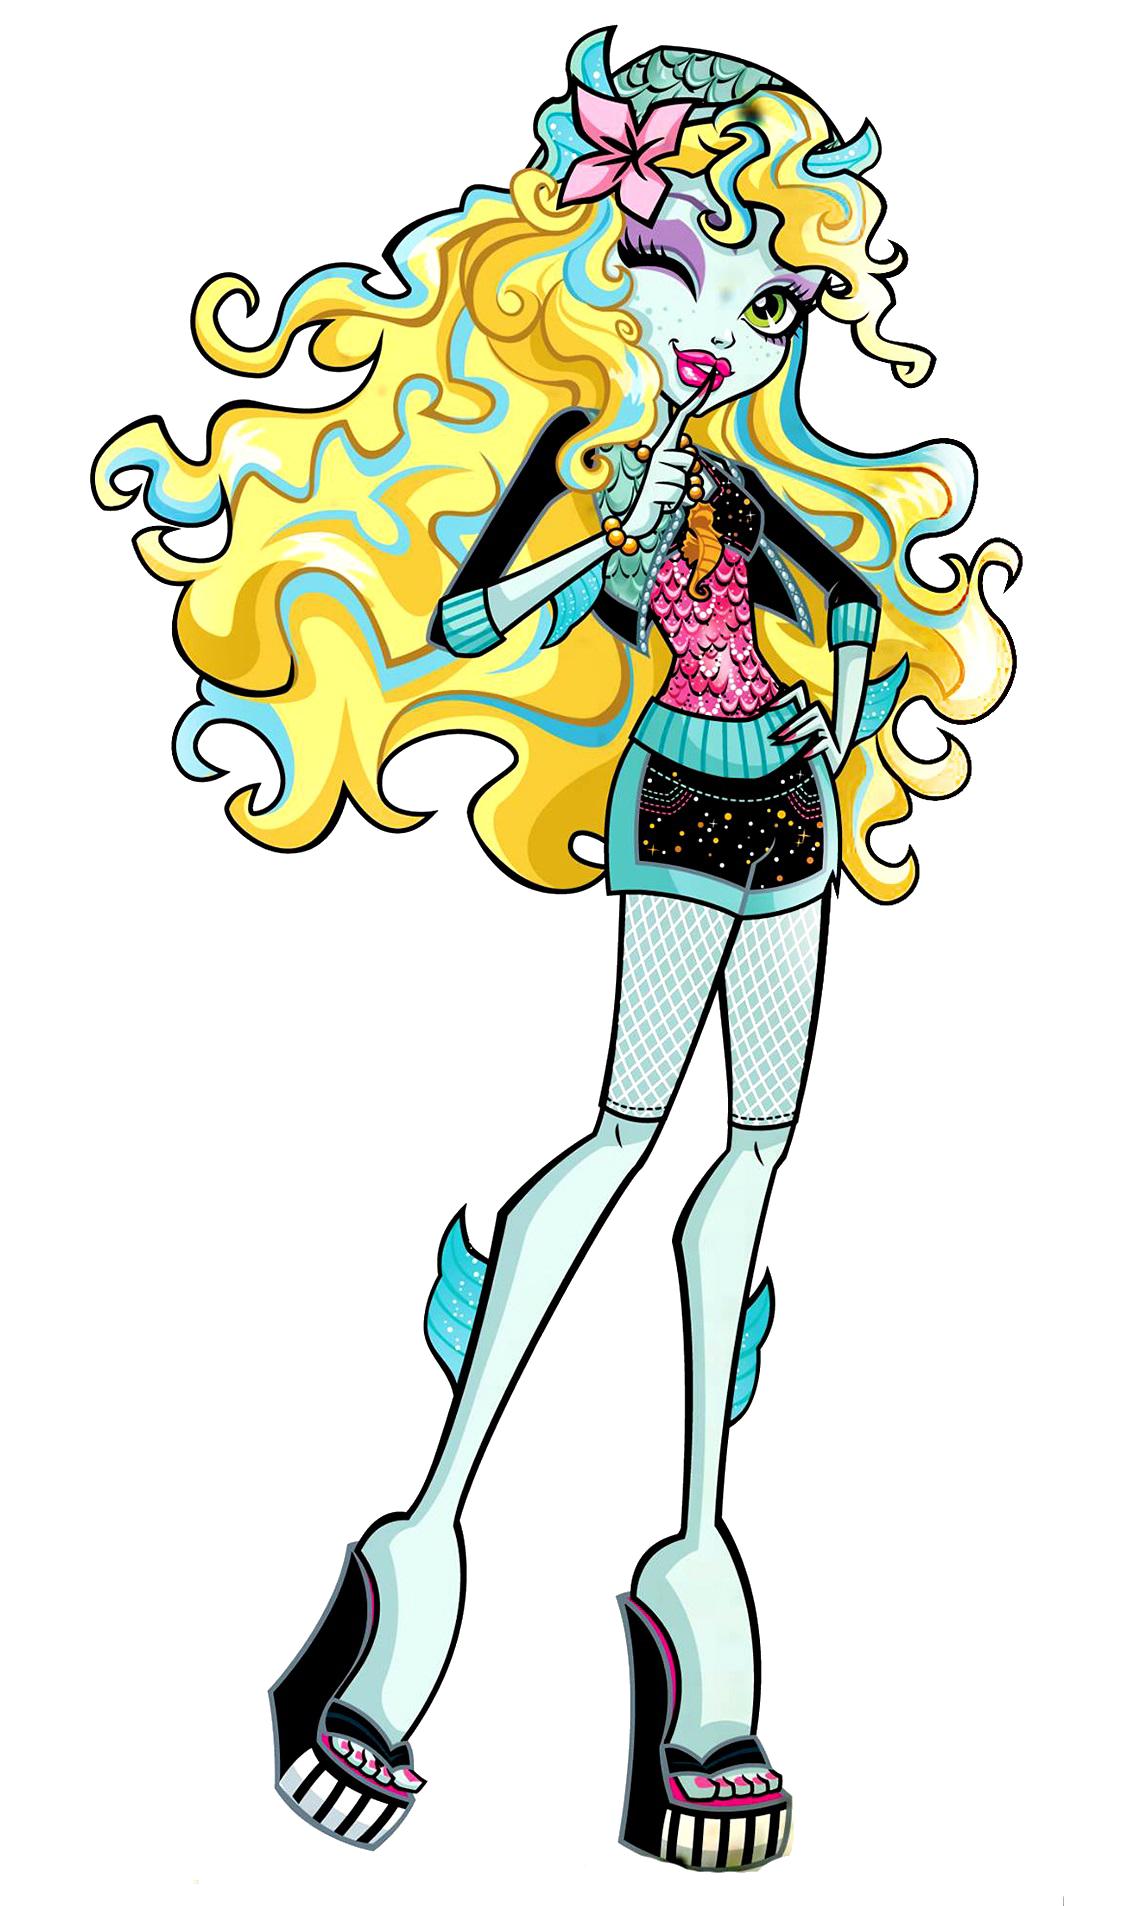 Monster High Lagoona Blue Kostuem.18 Lagoona Blue Cosplay Ideas Lagoona Blue Cosplay Monster High Characters